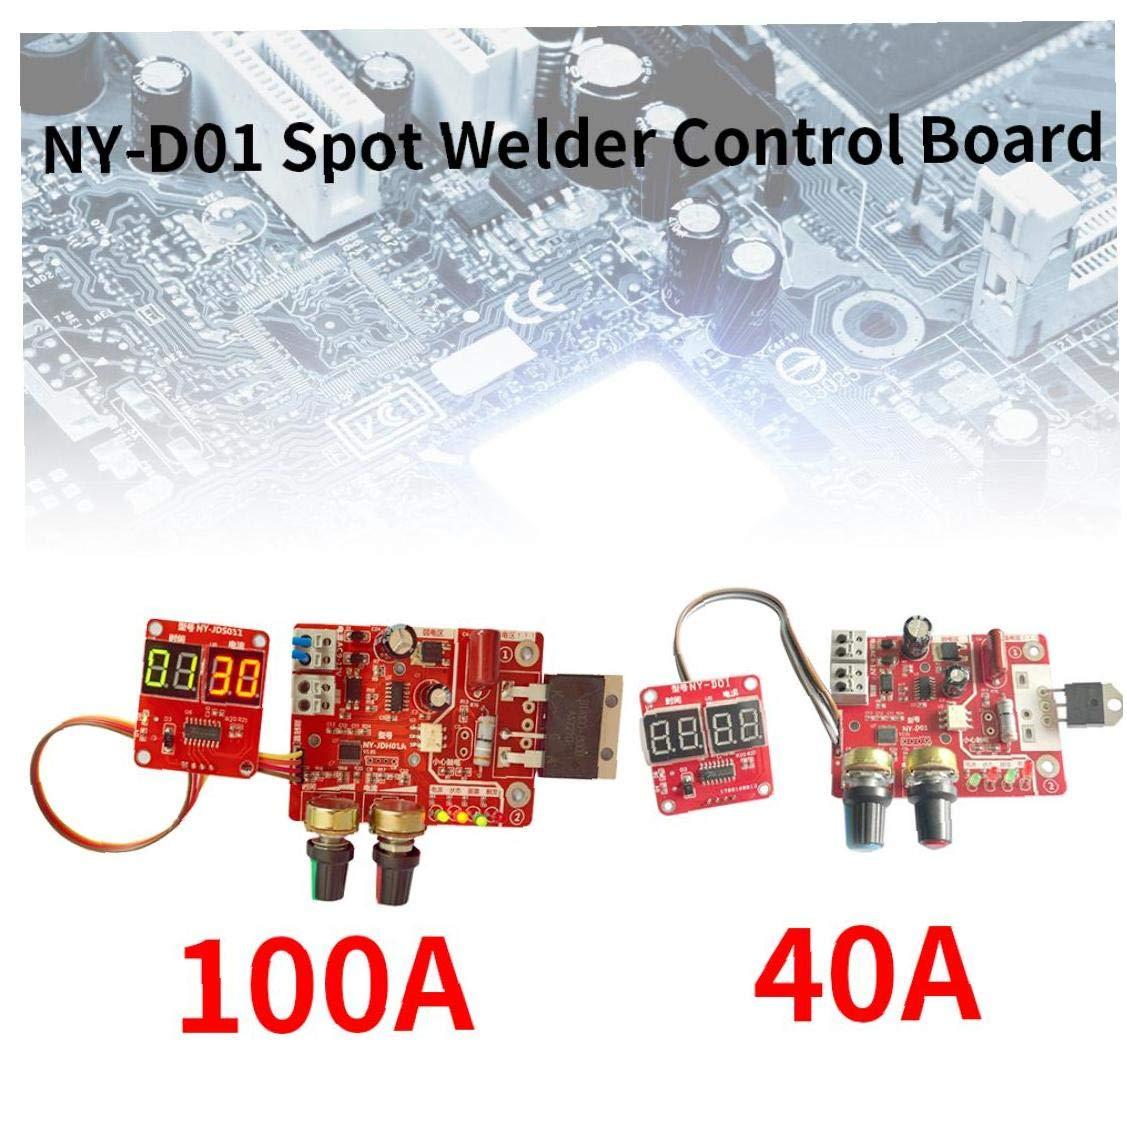 Spot Soudeurs Control Board Ny-d01 Soudure Contr/ôleur Machine R/églable Microcontroller Affichage Num/érique Heure Actuelle 40a